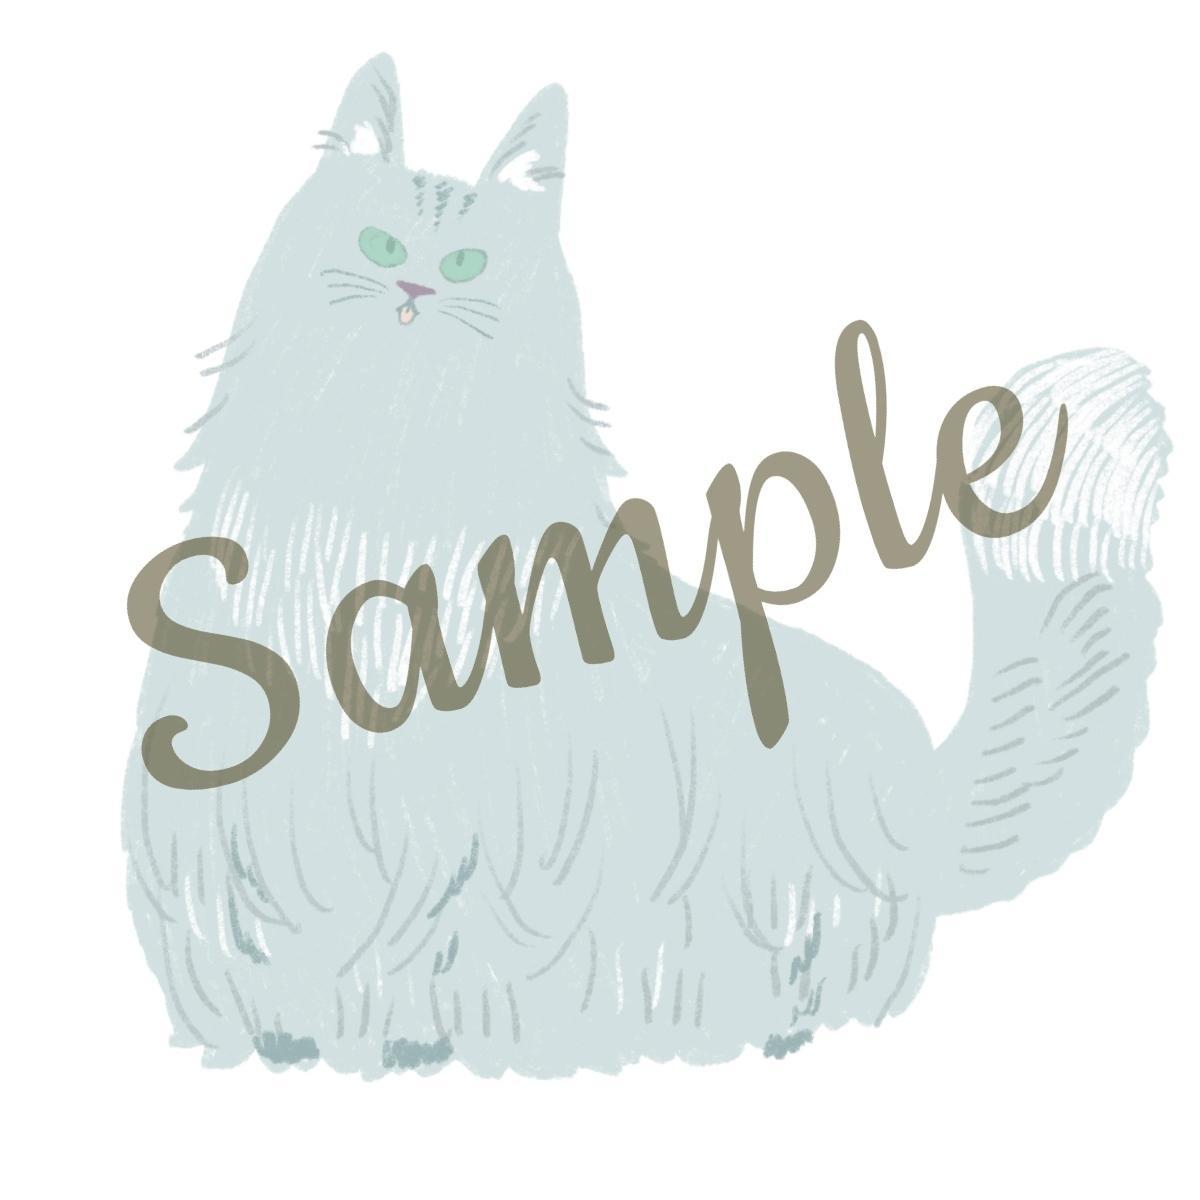 絵本風のタッチで、ペットのイラストを描きます 大好きなペットを世界に一つだけのイラストに。